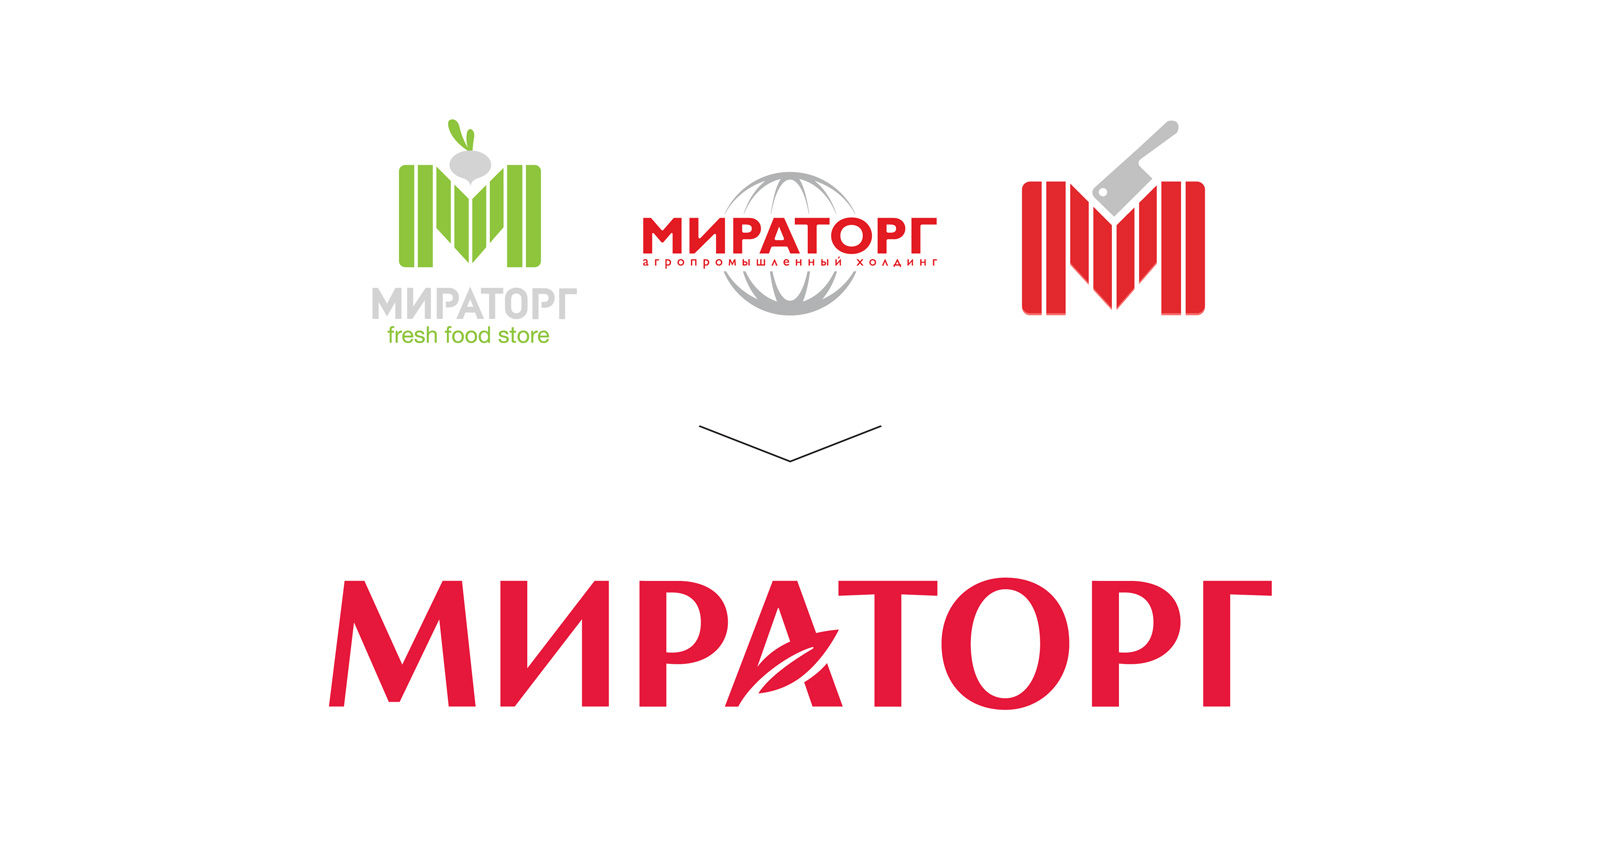 Ребрендинг «Мираторг»: рестайлинг логотипа и переход на единое начертание для логотипов всех ключевых бизнес-направлений в структуре холдинга